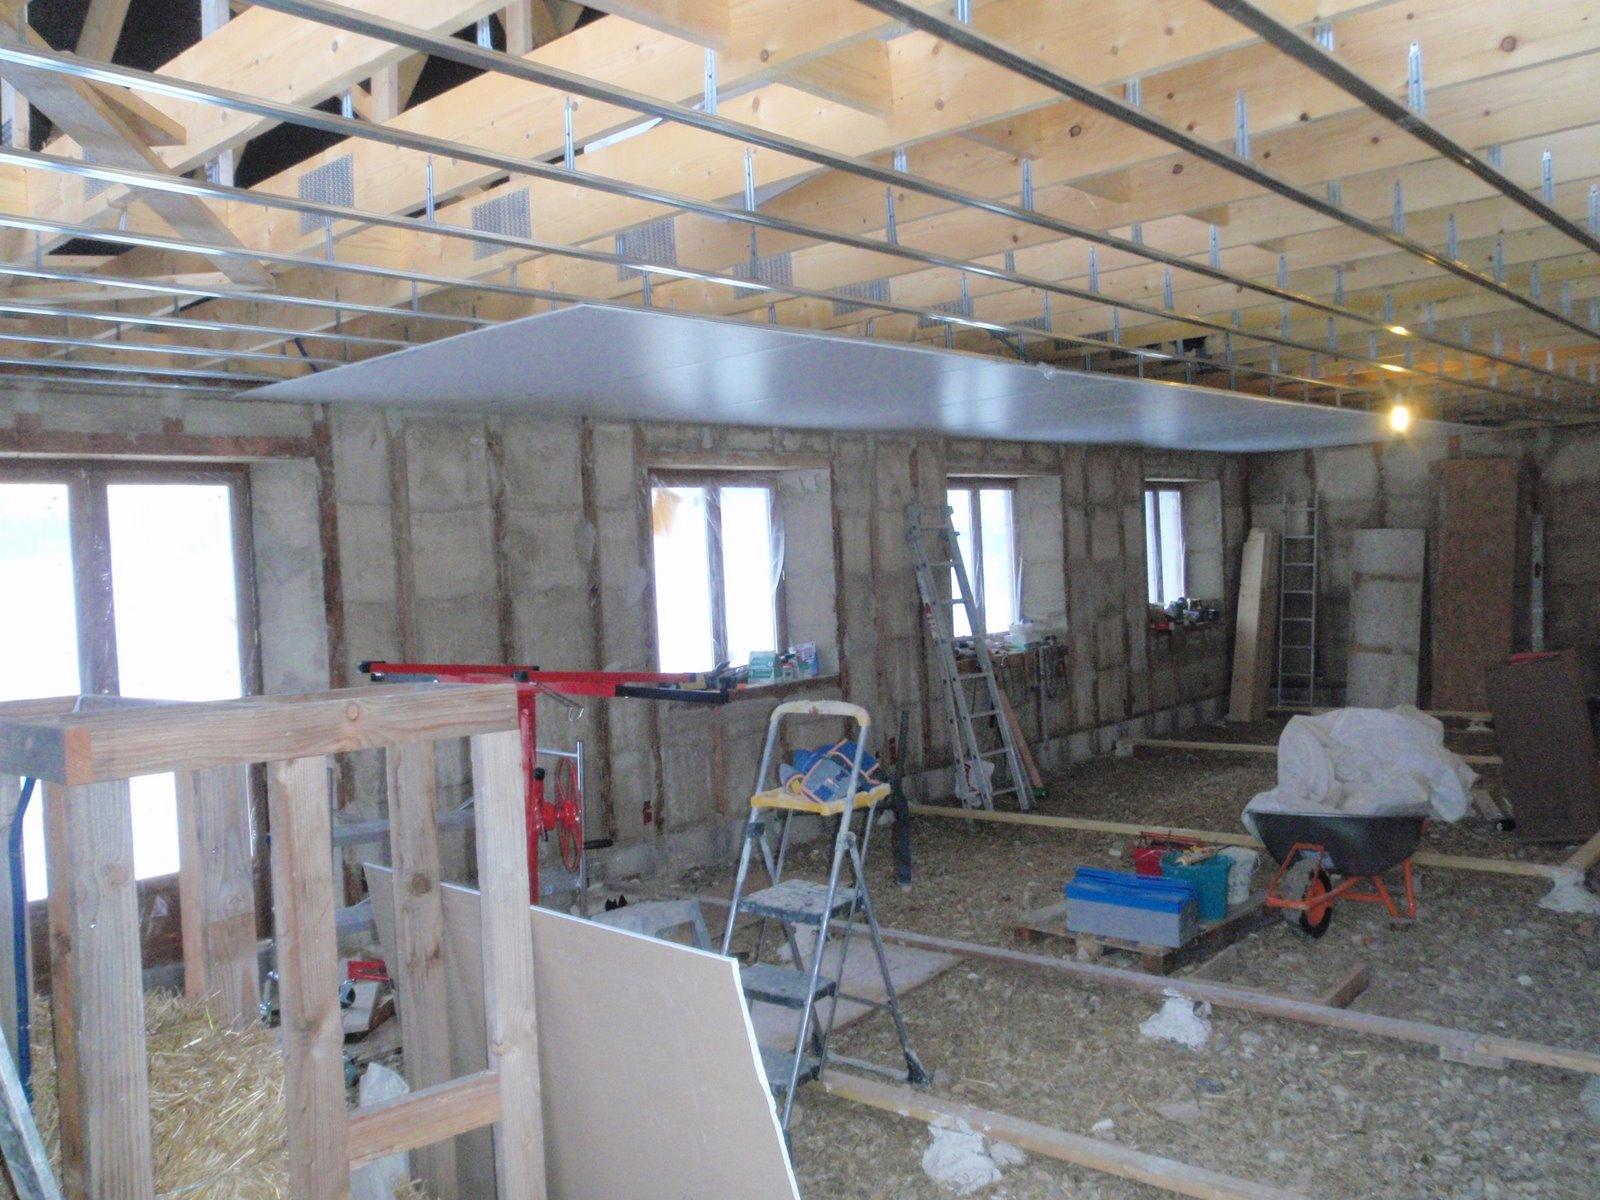 Maison en paille villaines les rochers d cembre 2010 for Plafond suspendu ba13